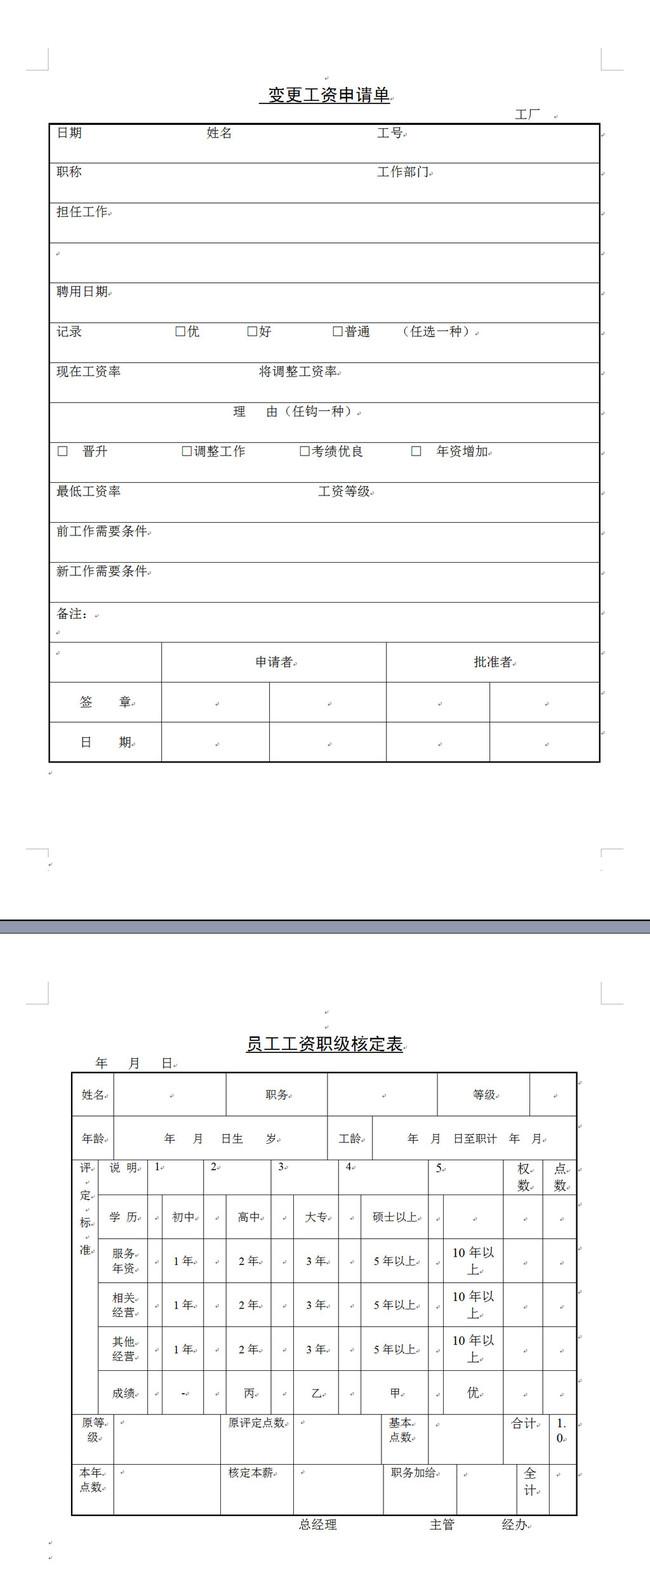 办公|ppt模板 word模板 应用文书 > 2014变更工资申请表  :8我图币